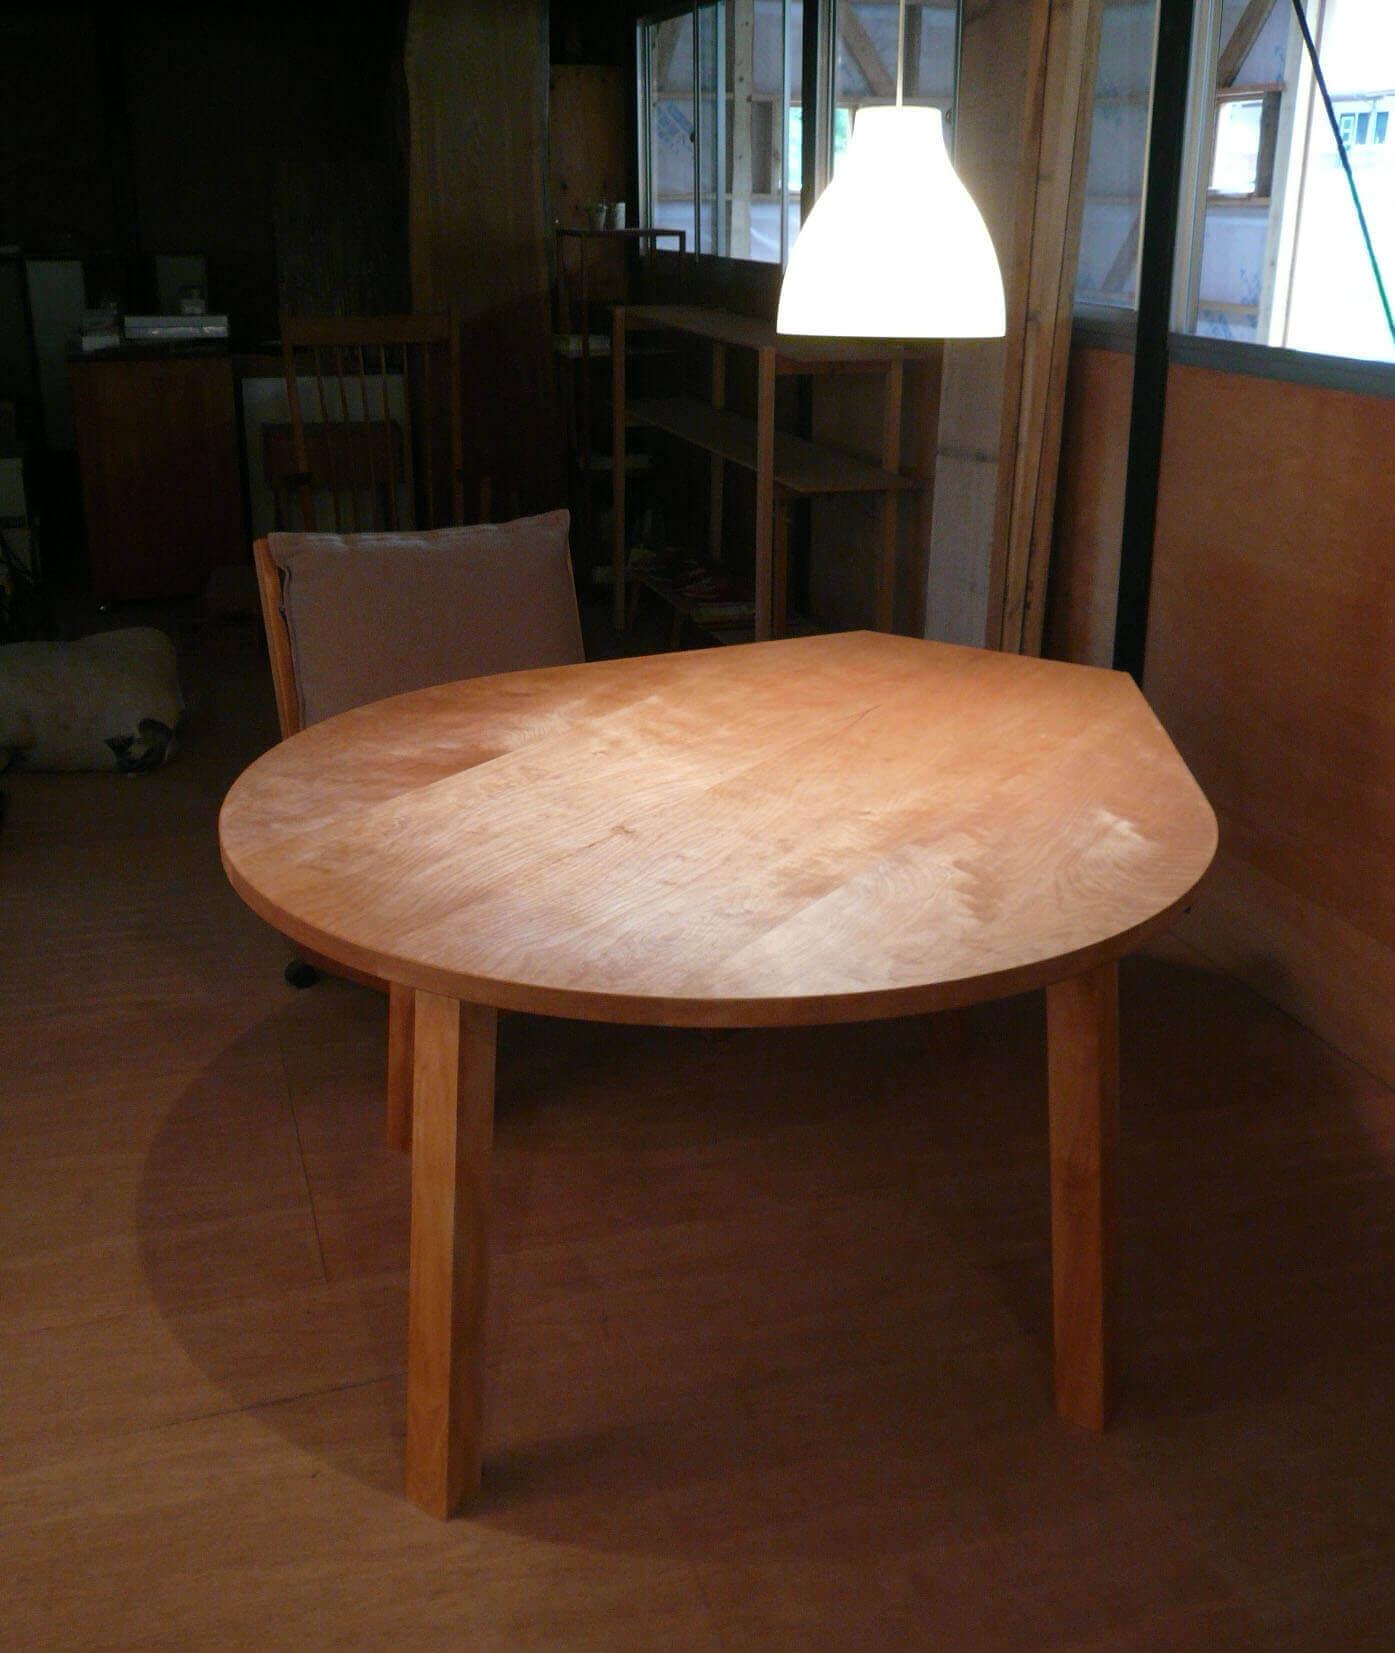 港北N邸の世界にひとつだけのダイニングテーブル